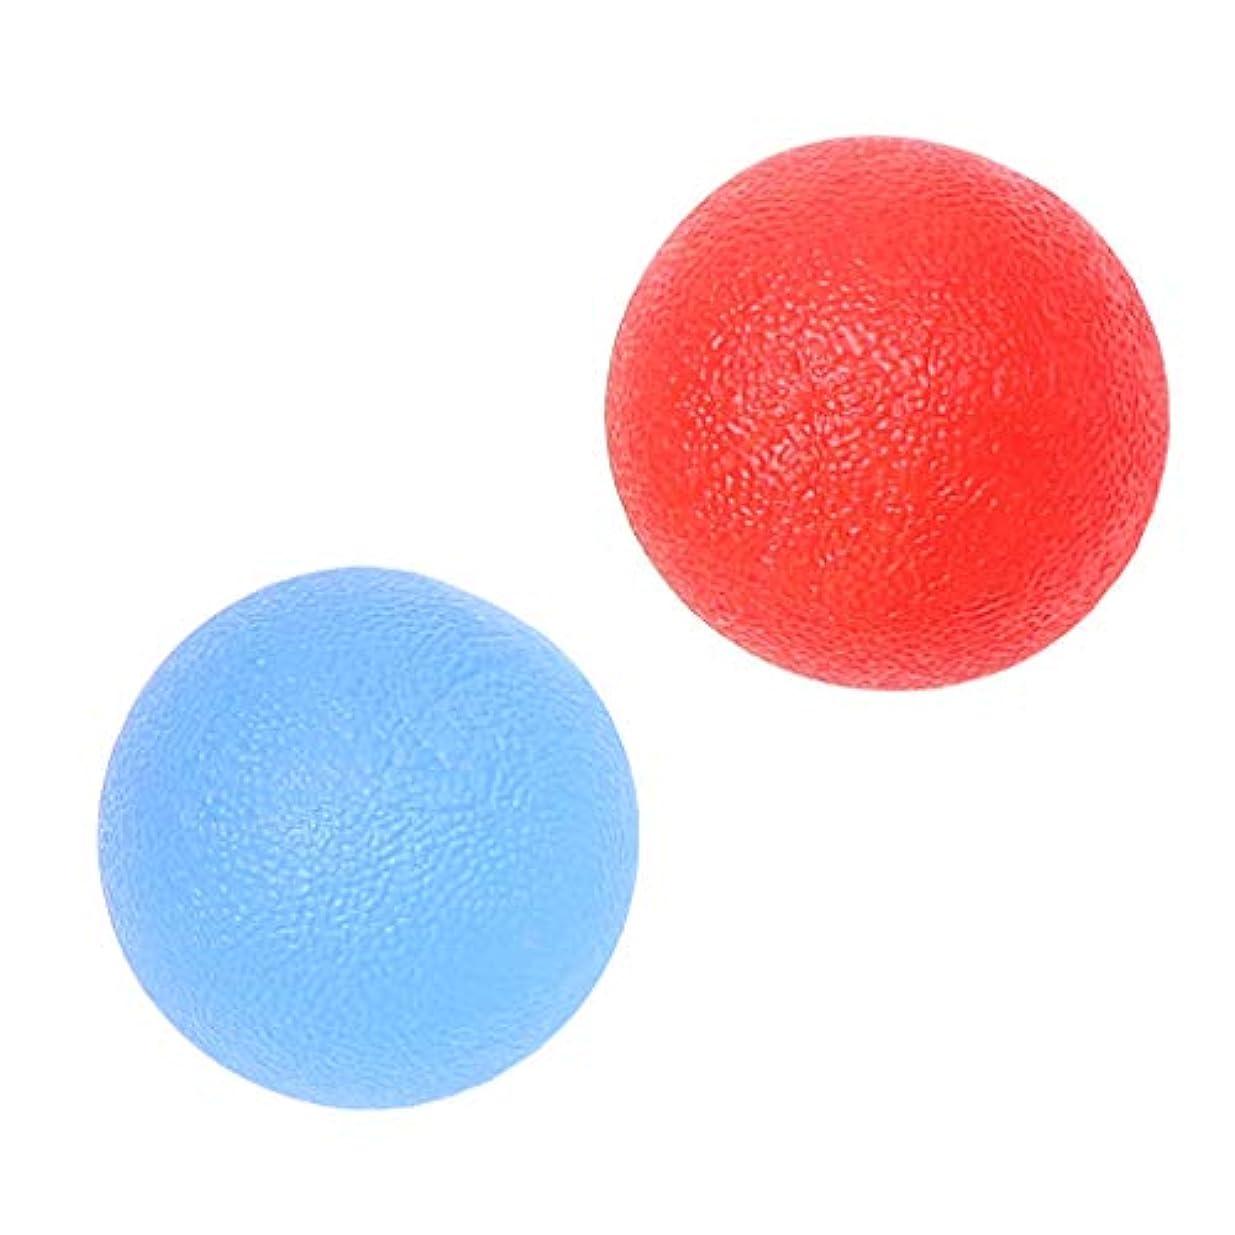 損なう試験家庭教師ハンドグリップ ボール シリコン マッサージ 指トレーニング ストレス緩和 赤/青 2個入